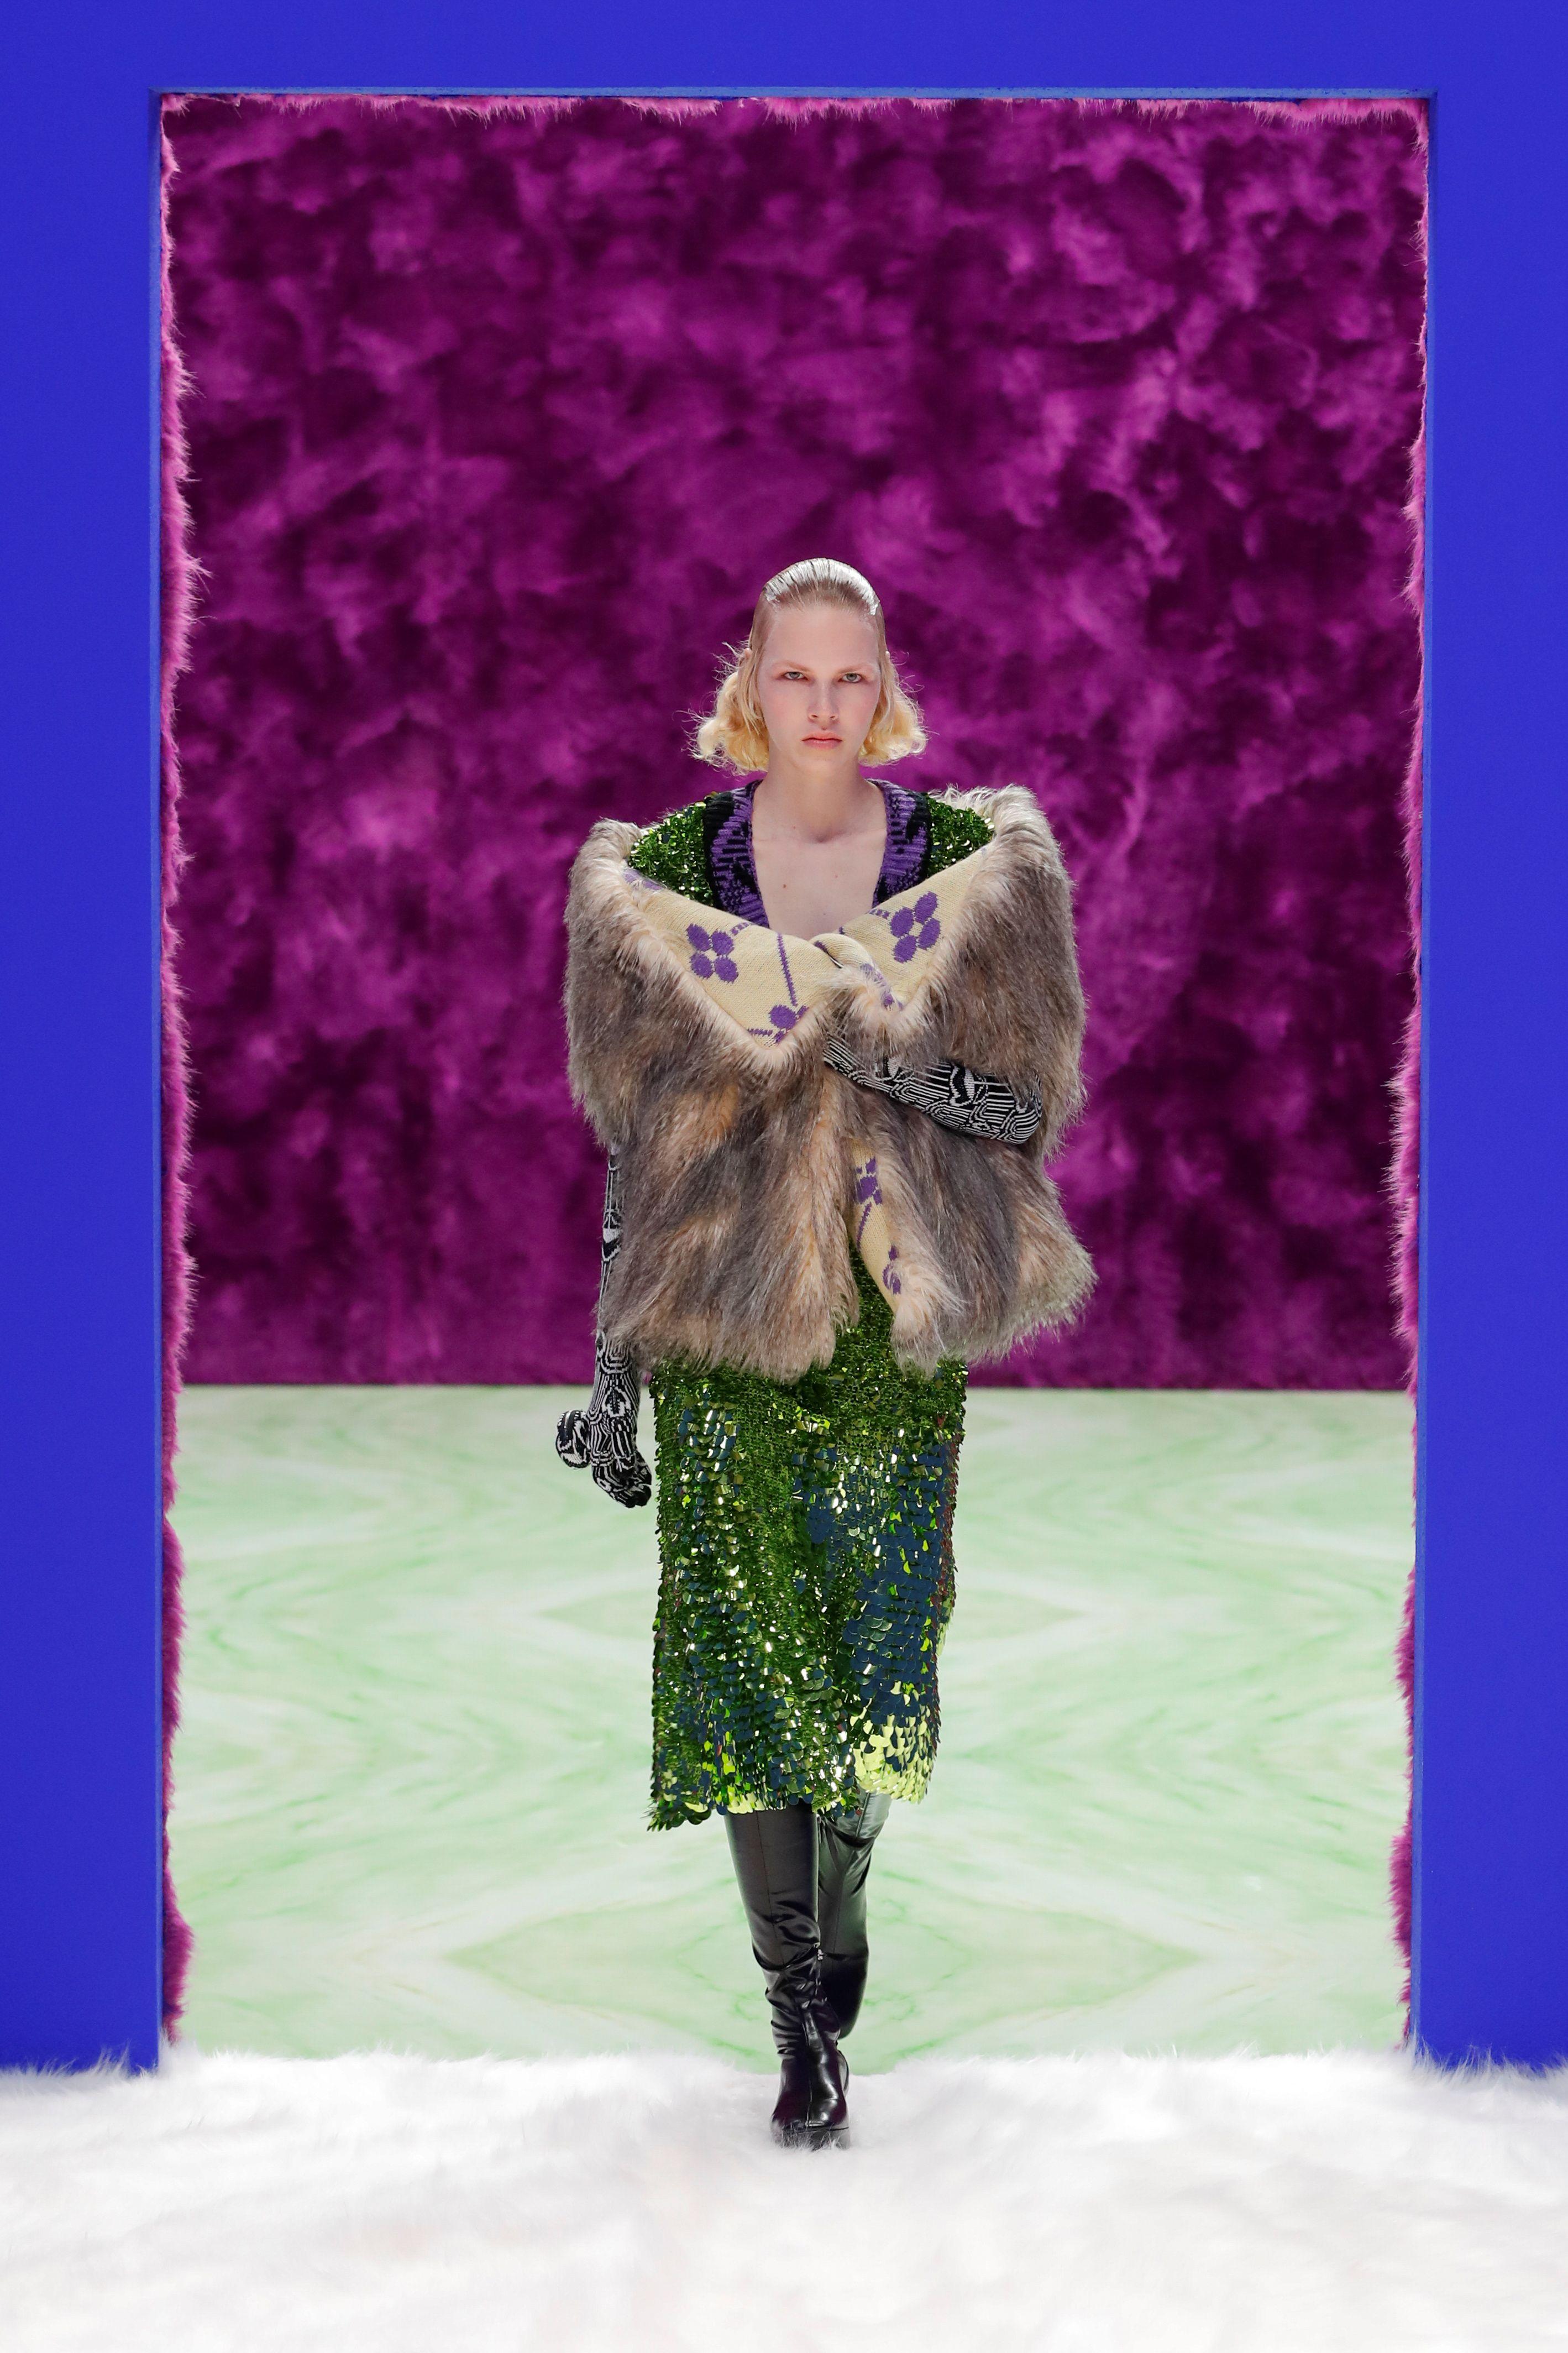 Prada en Milan Fashion Week. Primera colección de la marca italiana con la dupla creativa de Raf Simons y Miuccia Prada. Tapados de piel oversized, vestidos bordados y botas de caña alta como protagonistas en los looks de invierno 2021-2022